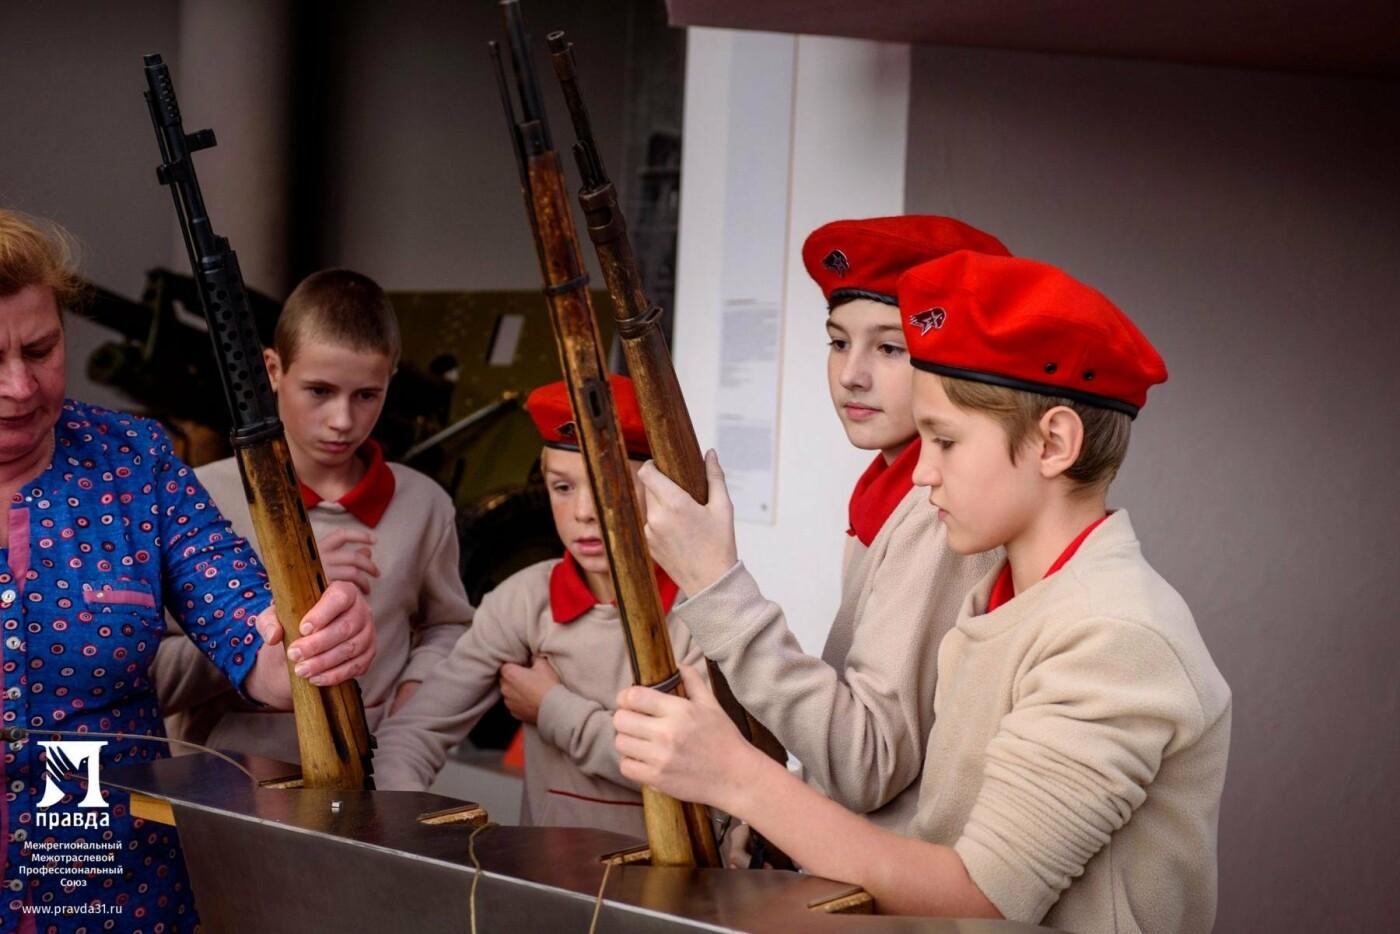 Поколение патриотов: юнармейцы благодаря профсоюзу «Правда» узнали больше о танковом сражении 1943 года, фото-6